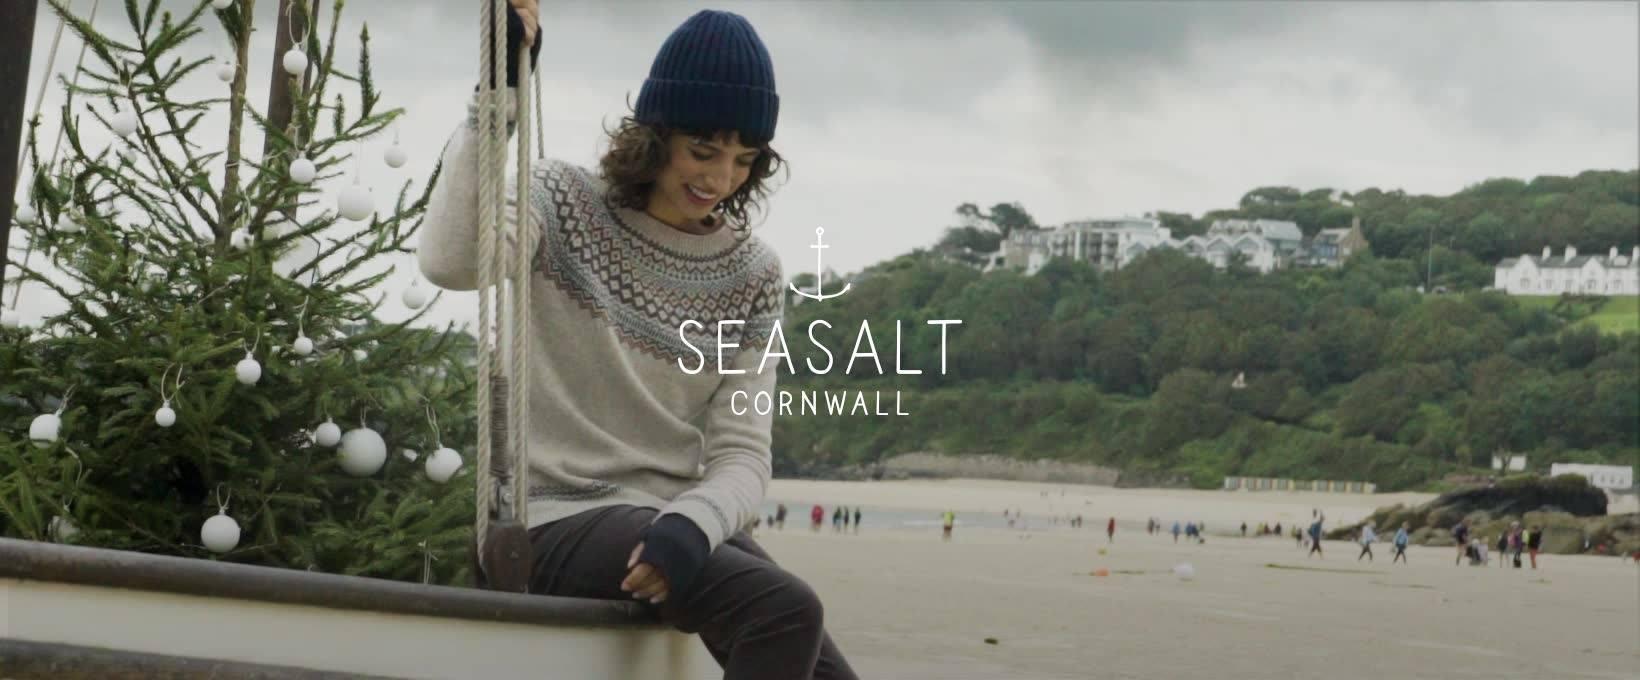 seasalt cornwall-gallery